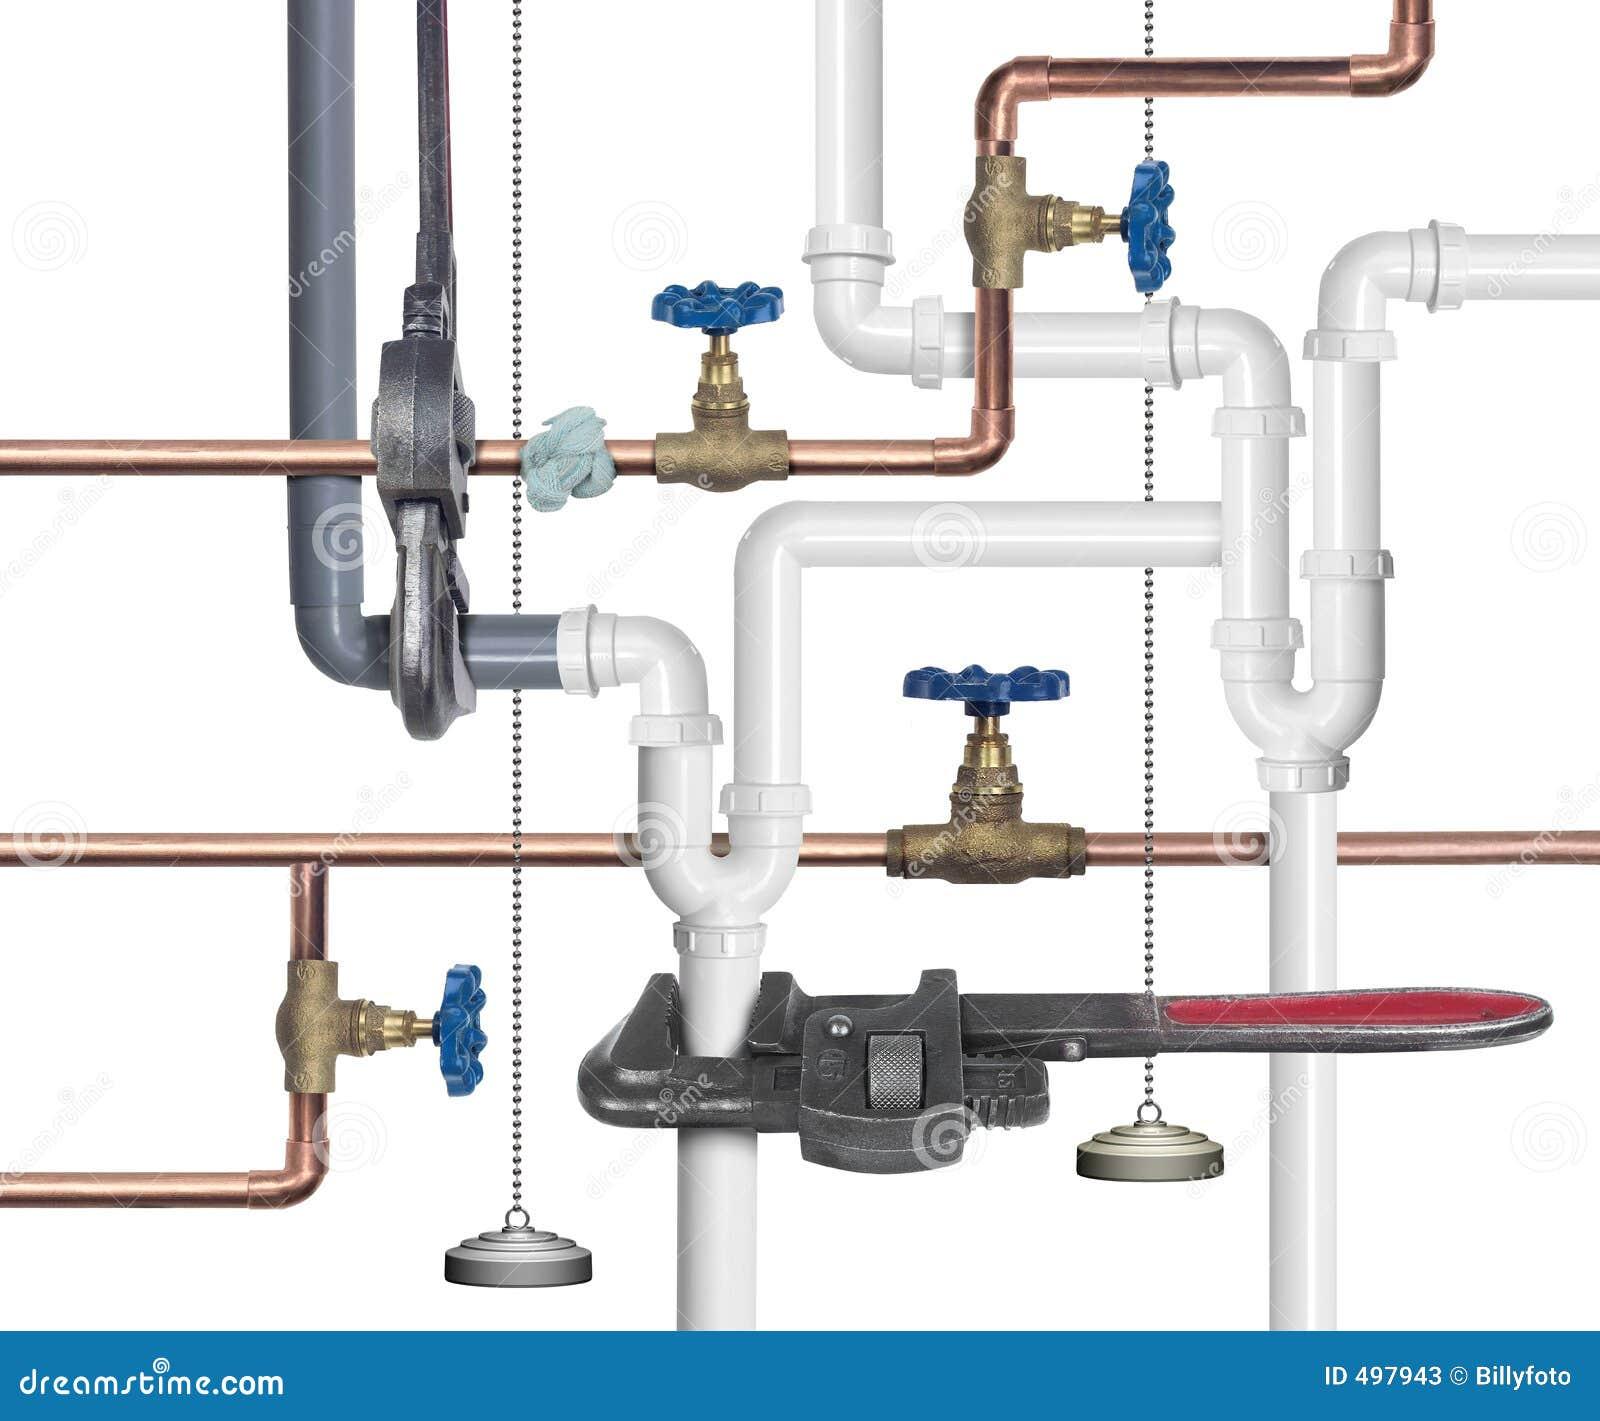 plumbing business plan